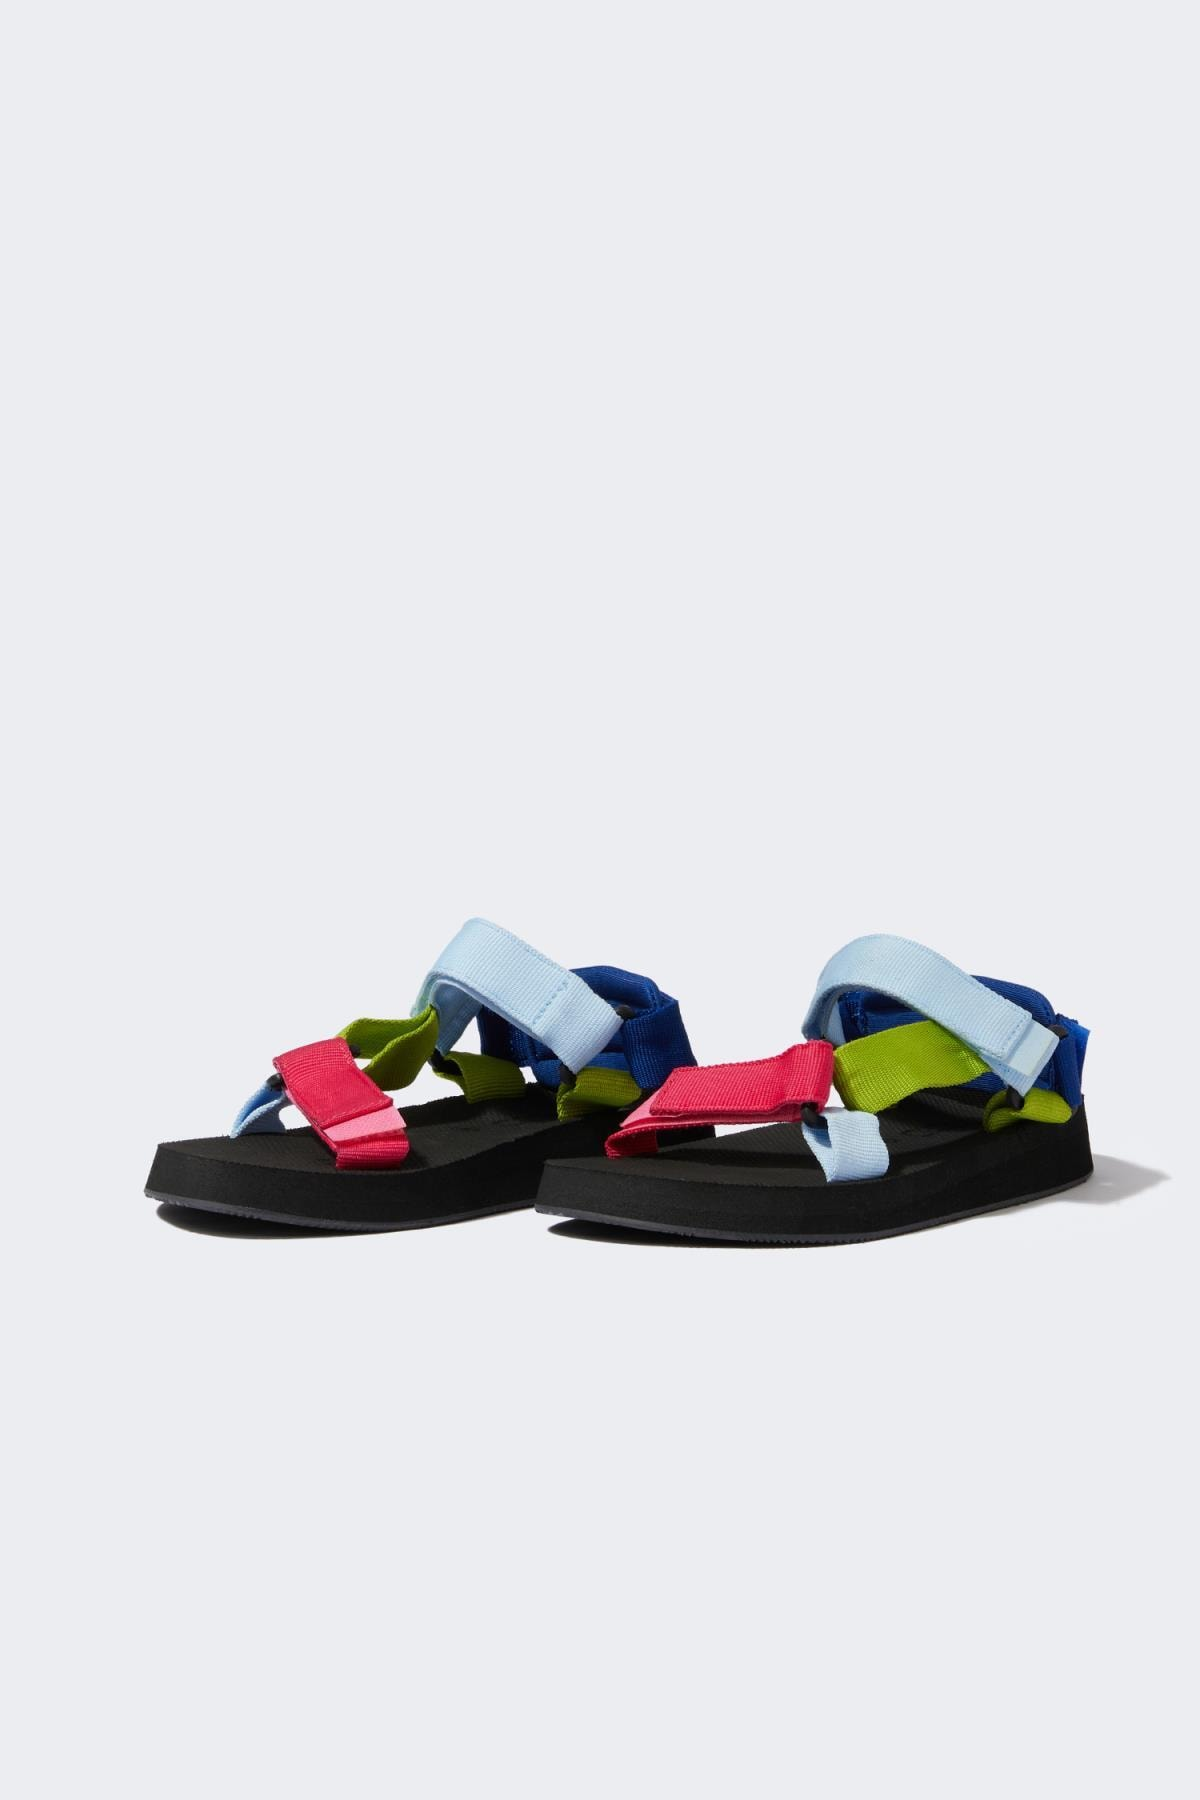 DeFacto Kadın Pembe Çift Bantlı Renkli Sandalet U3549AZ21SM